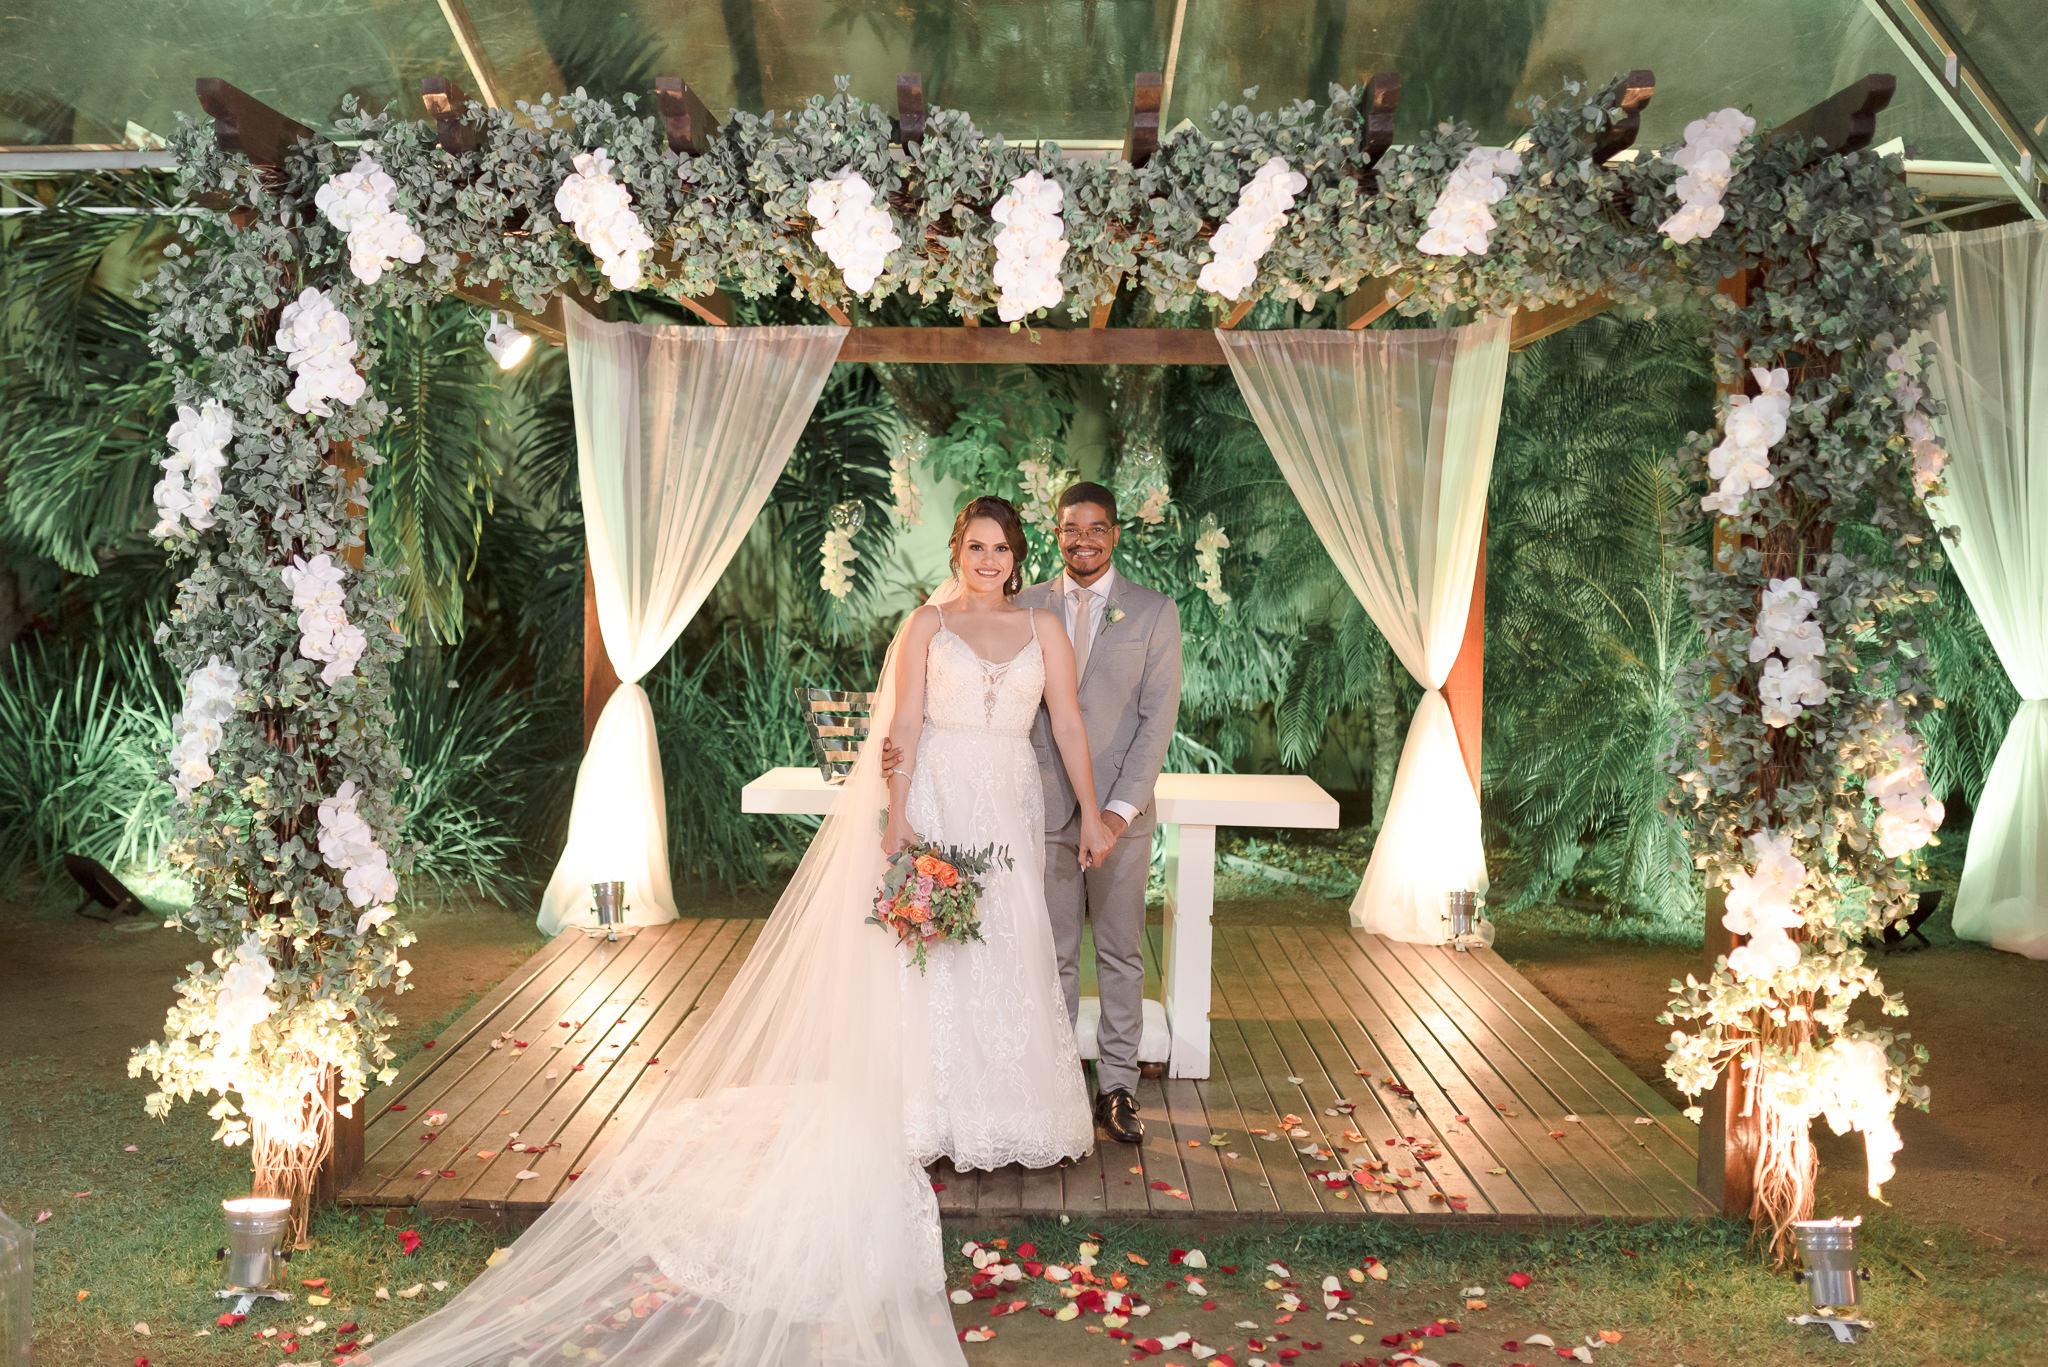 Casamento Rústico Chique no Oásis Festas | Noiva Internovias Marianna